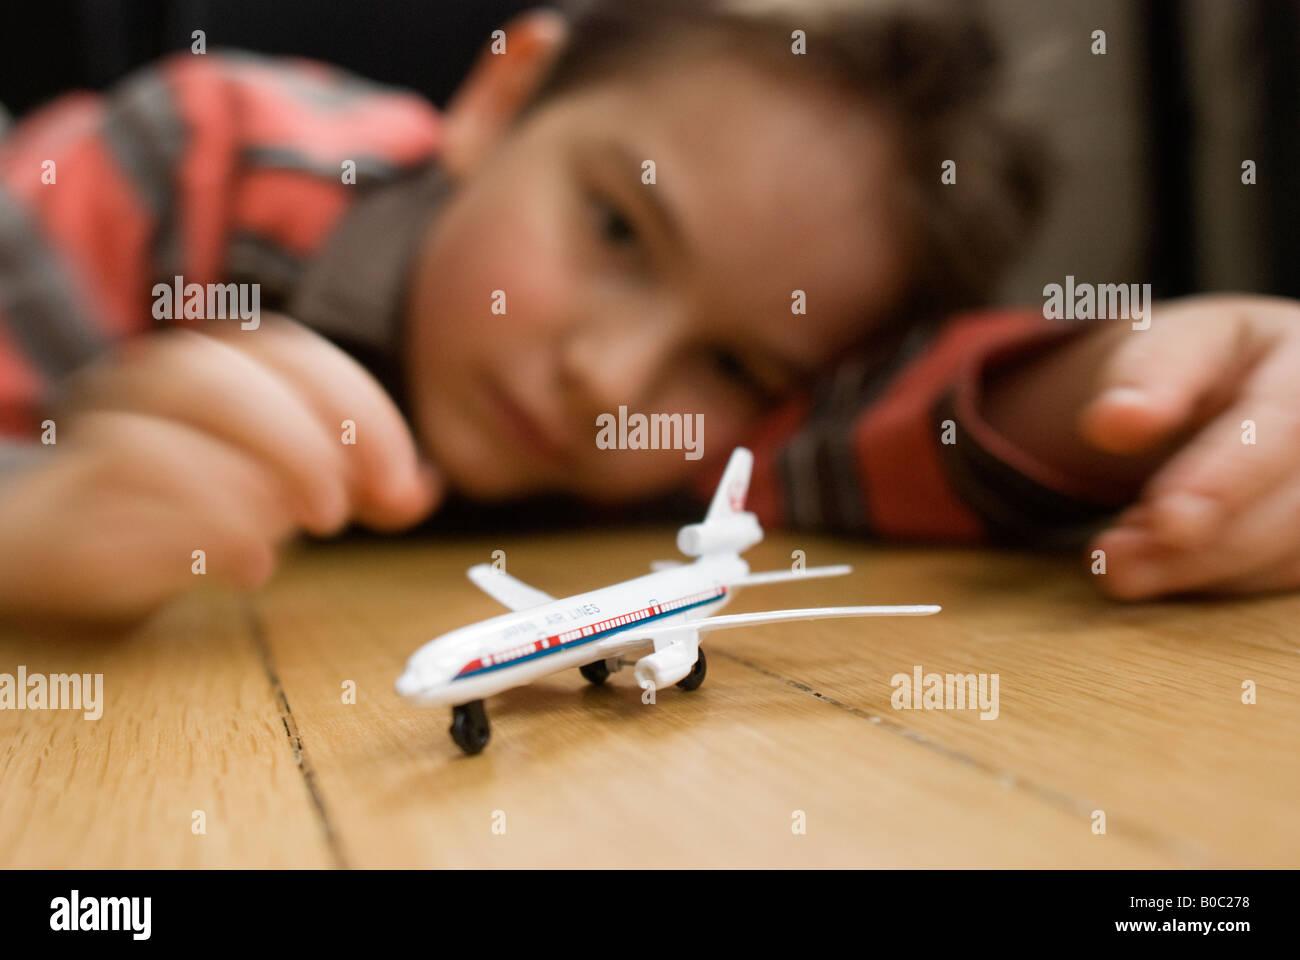 Junge spielt mit einem Spielzeugflugzeug Stockbild